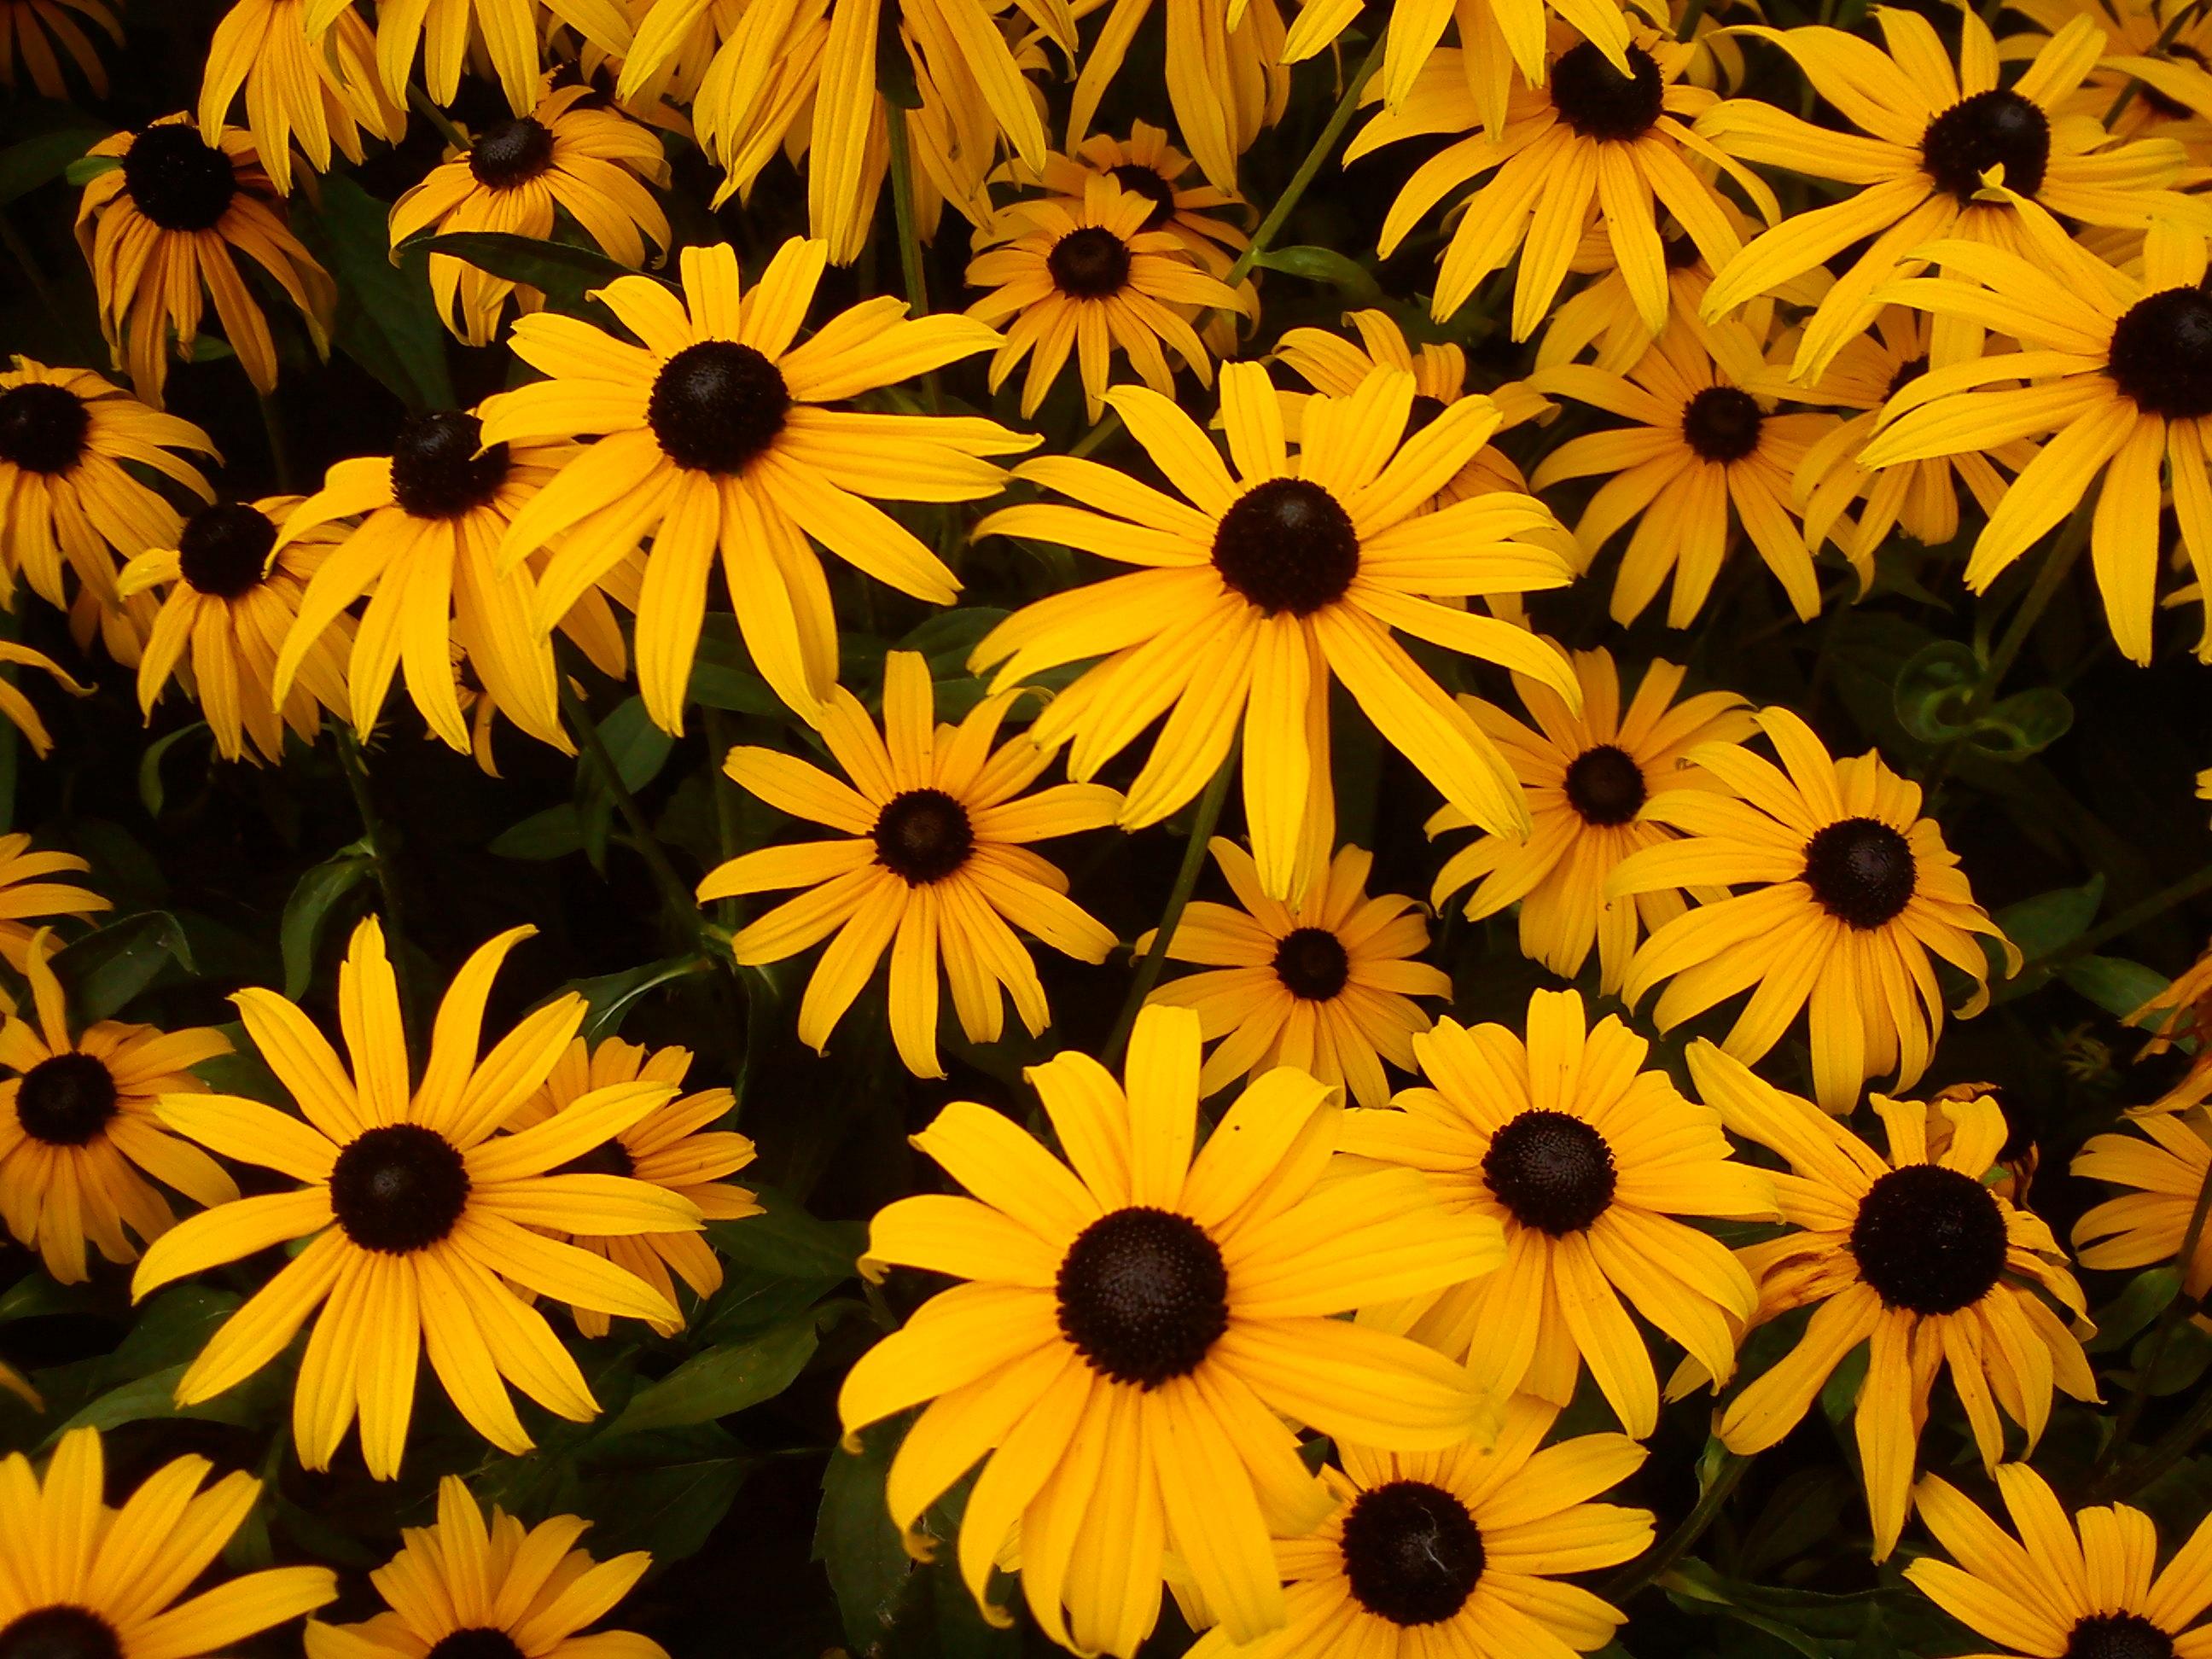 kostenlose foto blatt blume bl tenblatt herbst schwarz gelb flora sonnenblume. Black Bedroom Furniture Sets. Home Design Ideas